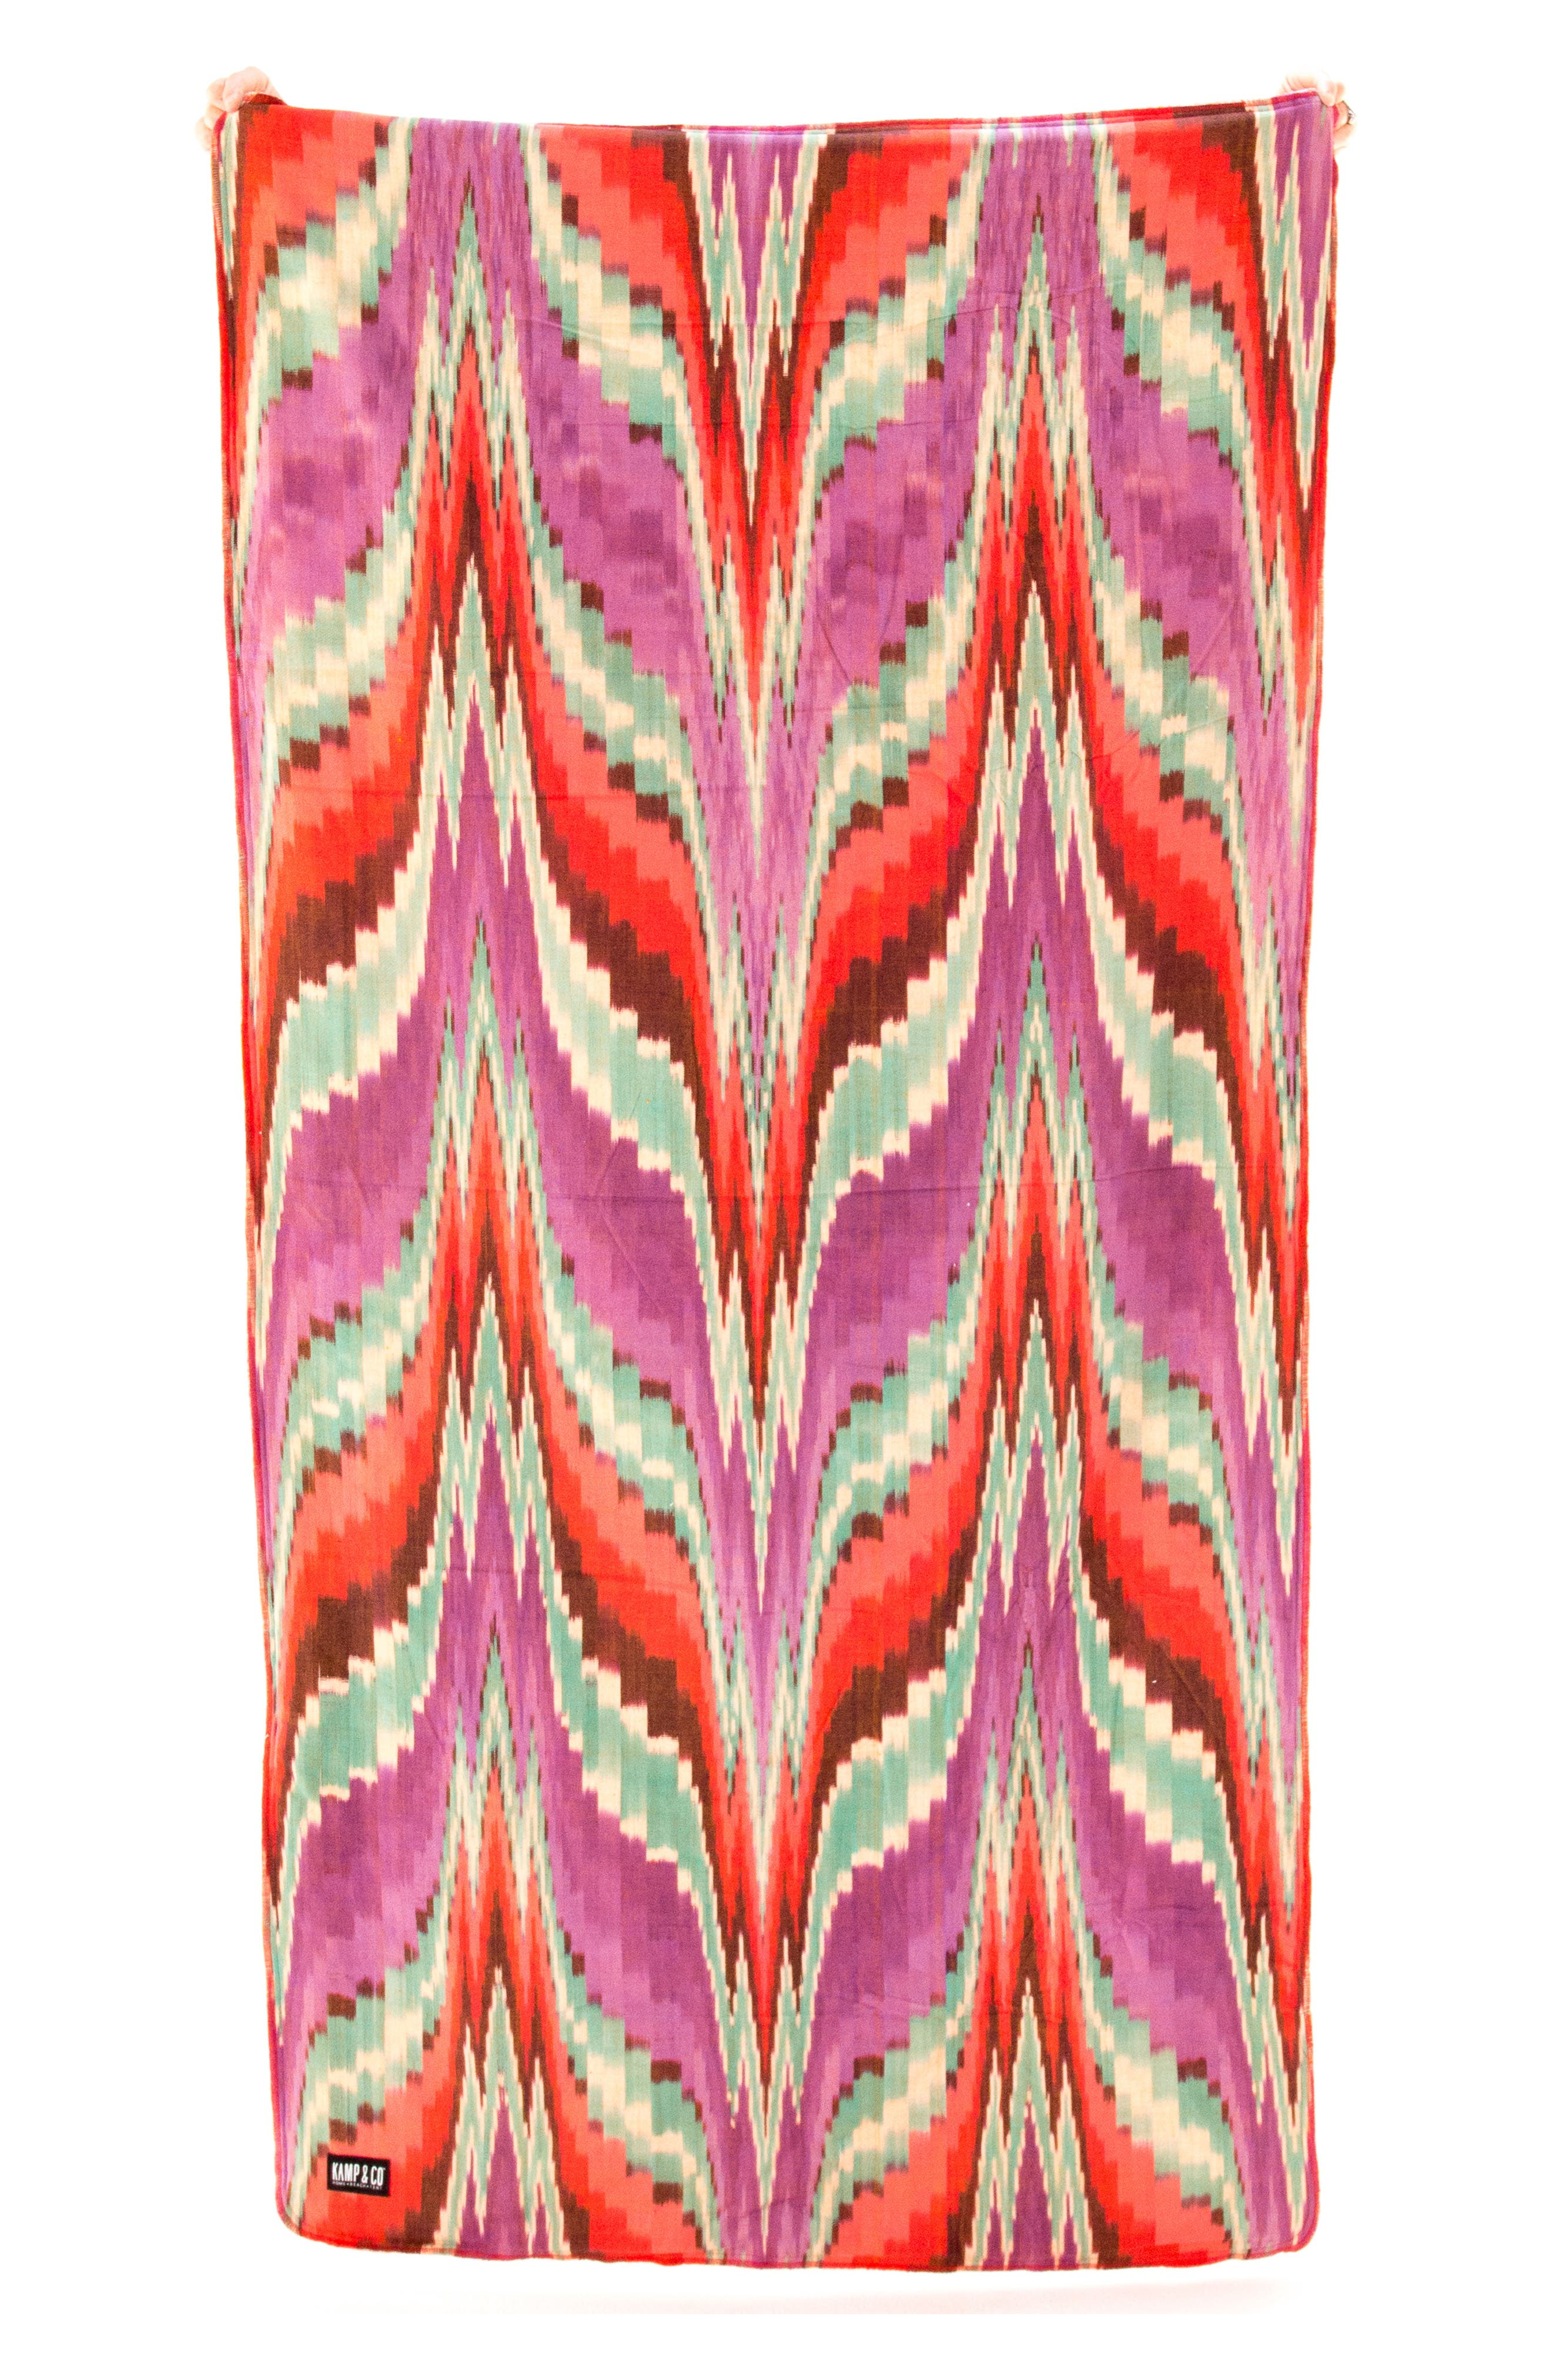 Kamp & Co. Leucadia Kamp Towel,                         Main,                         color, Coral/ Purple/ Red